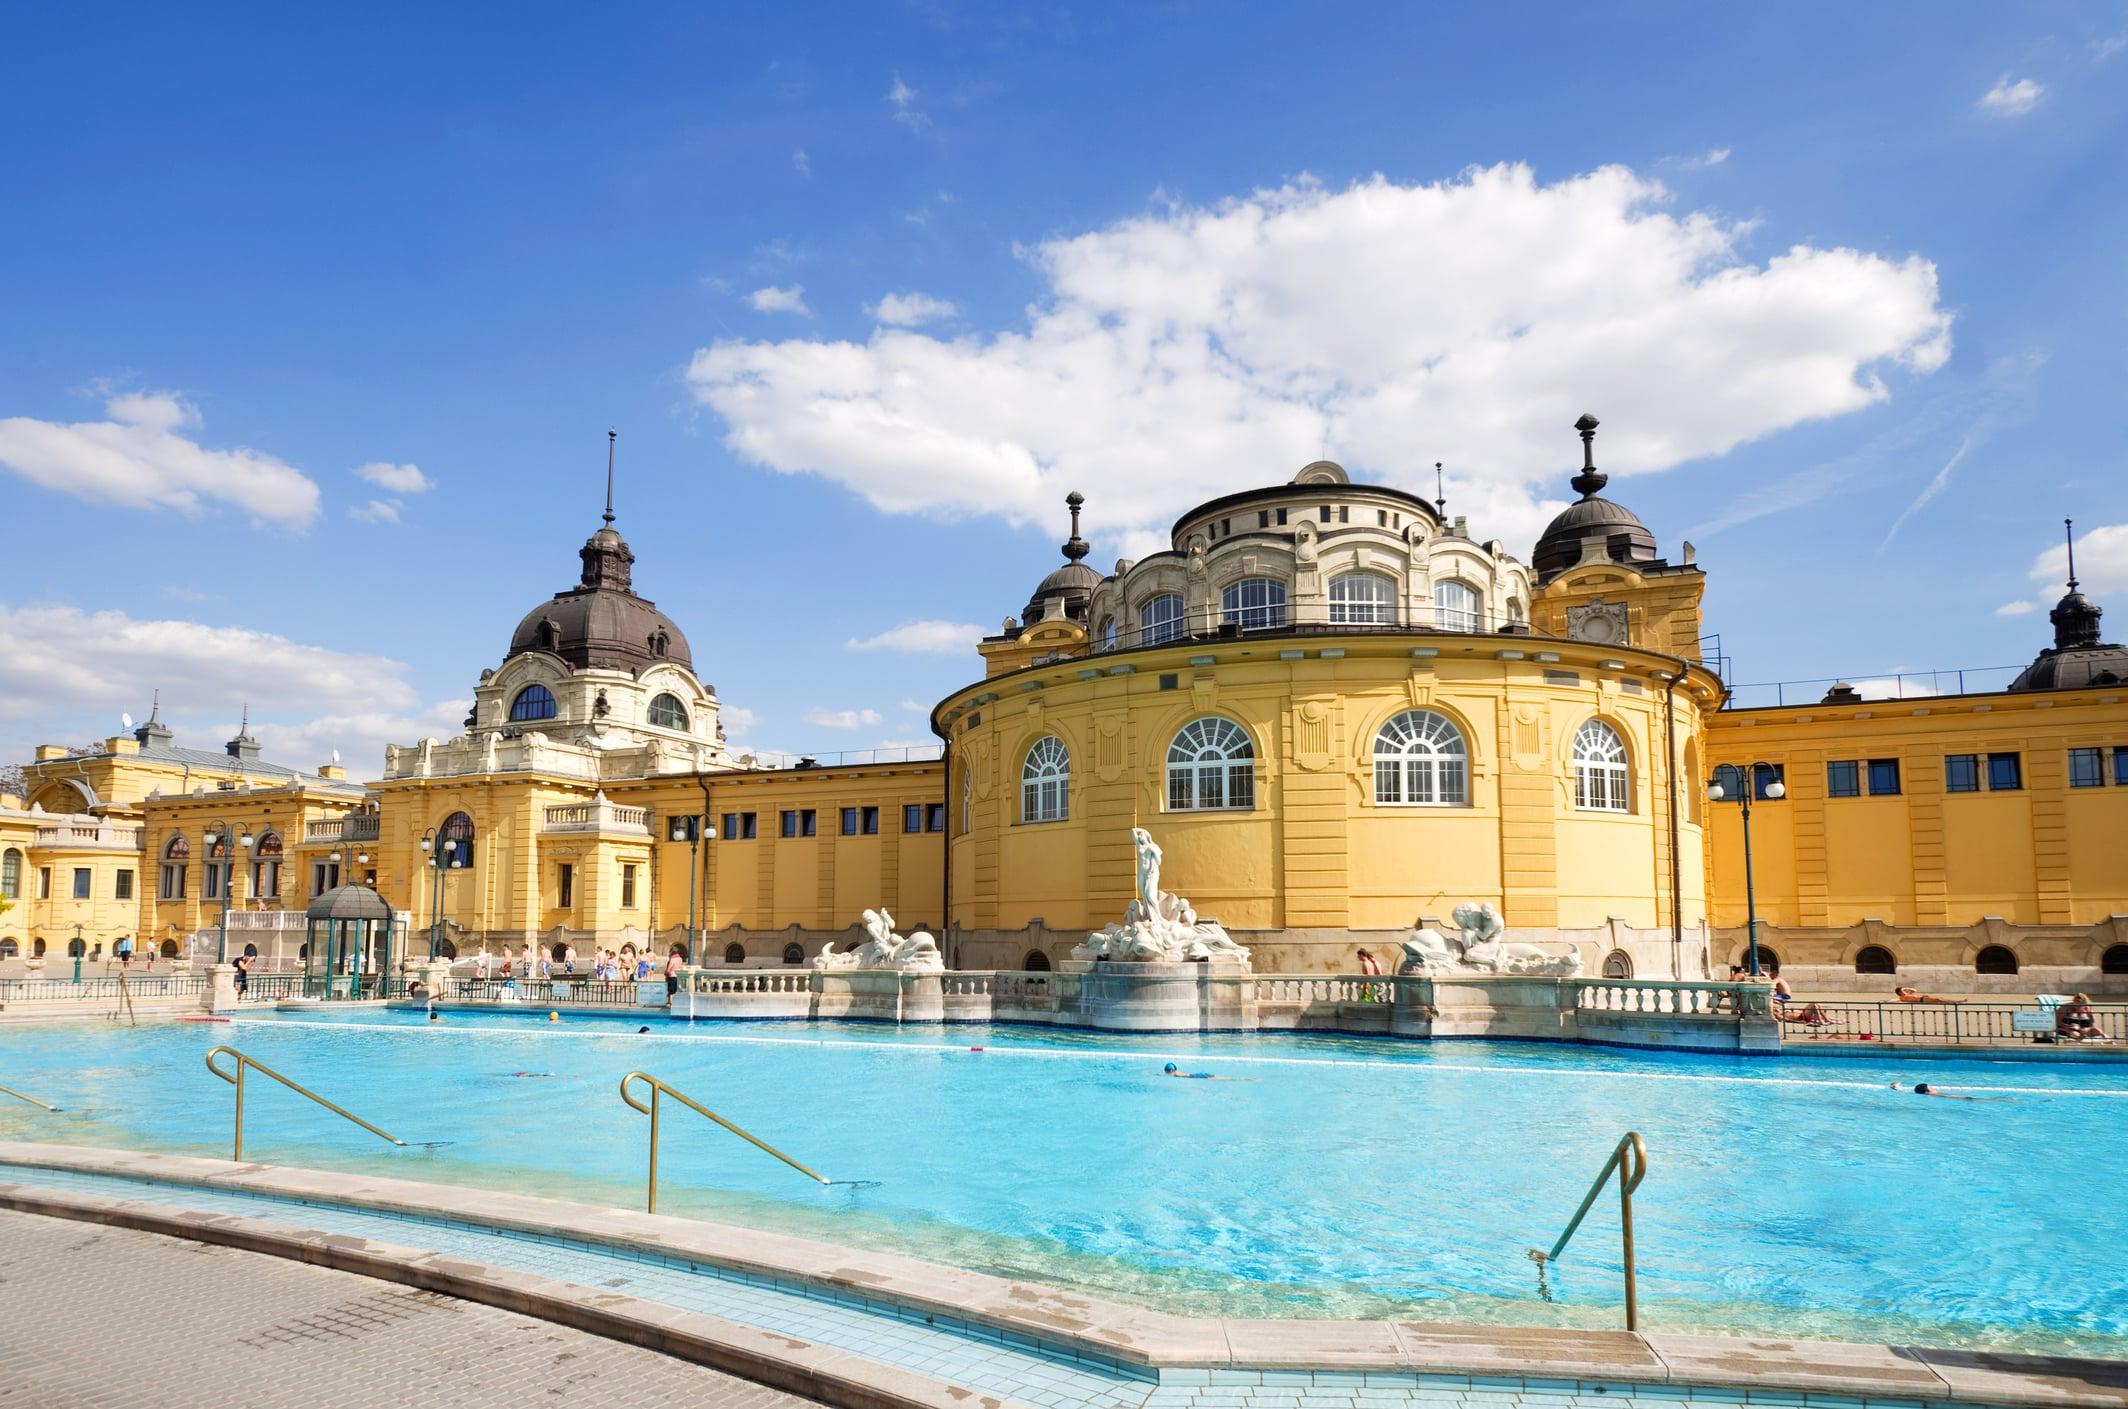 Budapest szechenyi thermale baden